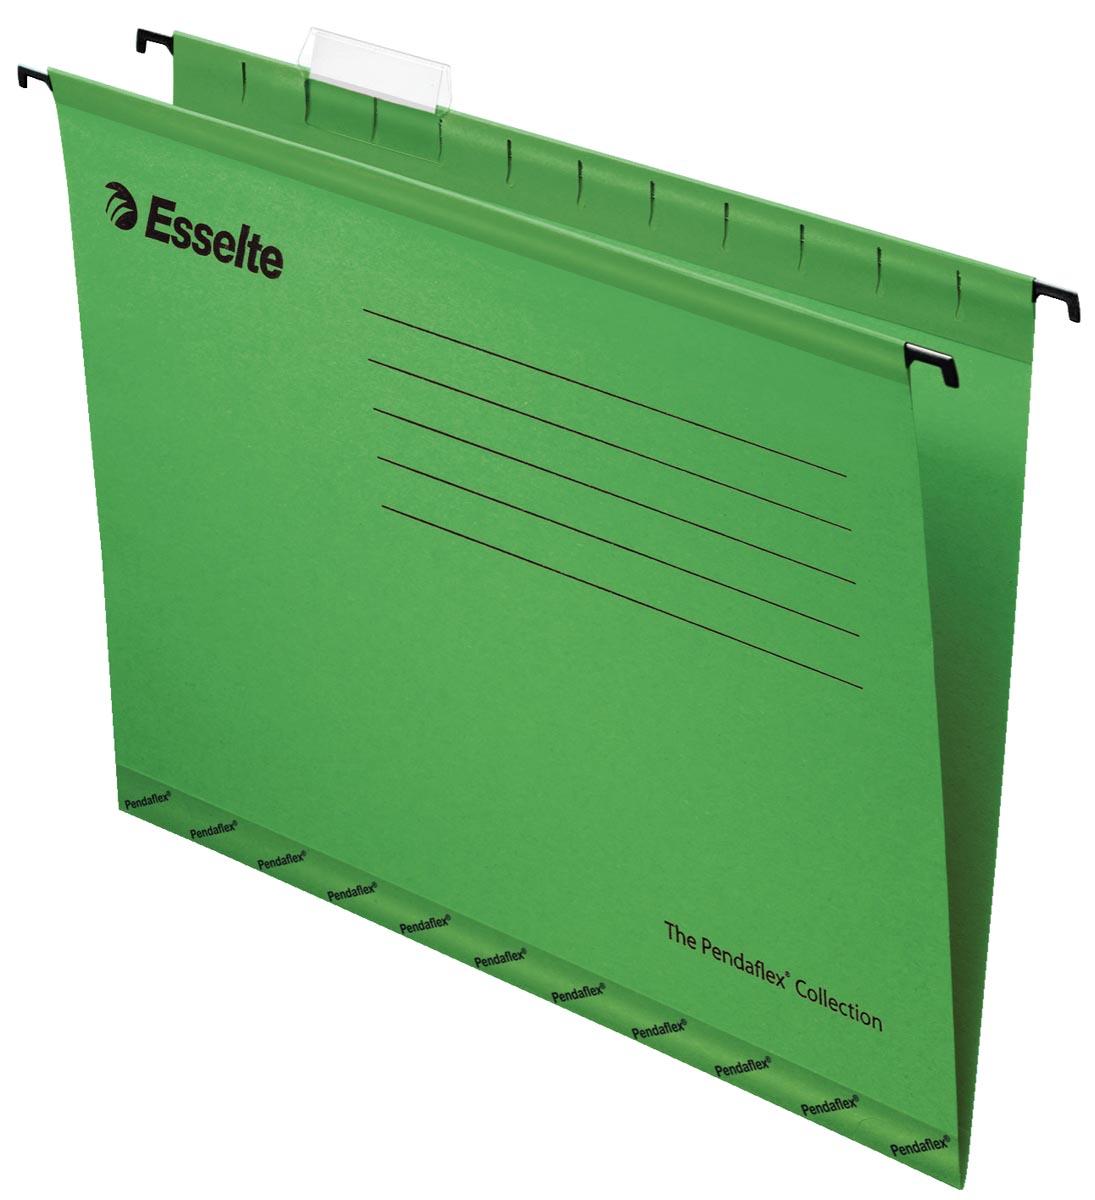 Esselte hangmappen voor laden Pendaflex Plus tussenafstand 330 mm, groen, doos van 25 stuks